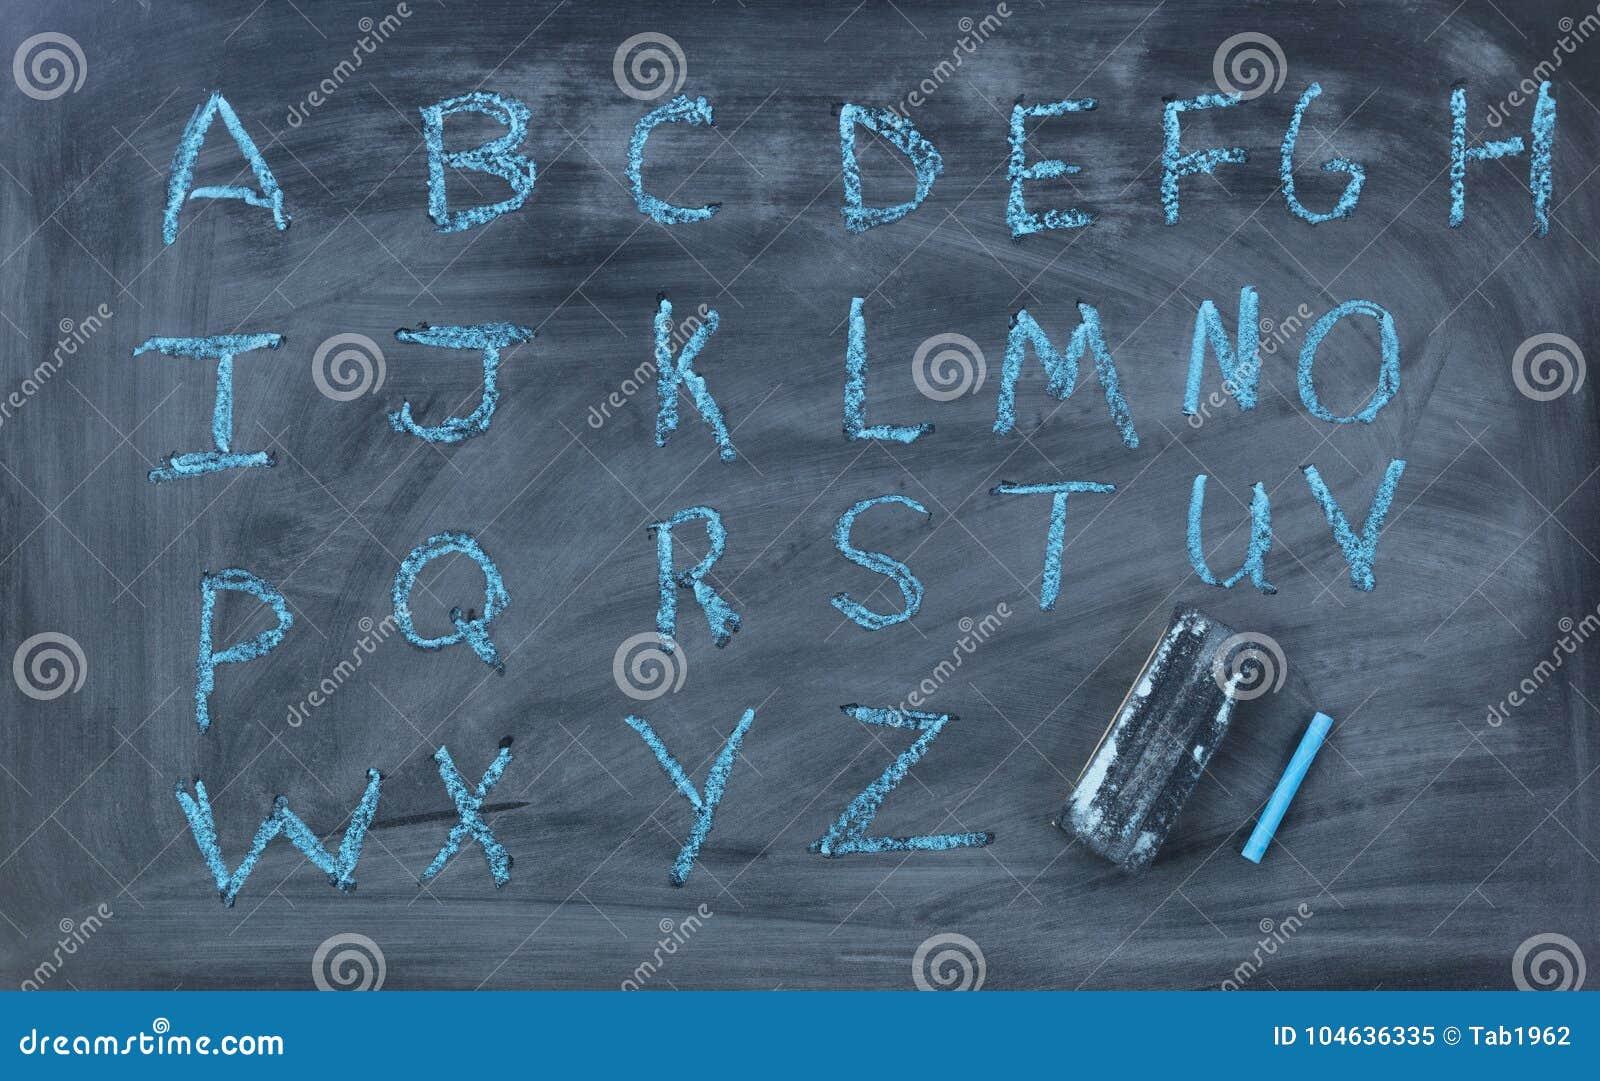 Download Engelse Die Alfabetbrieven Op Schoolbord Met Gom Worden Geschreven Stock Afbeelding - Afbeelding bestaande uit bord, engels: 104636335